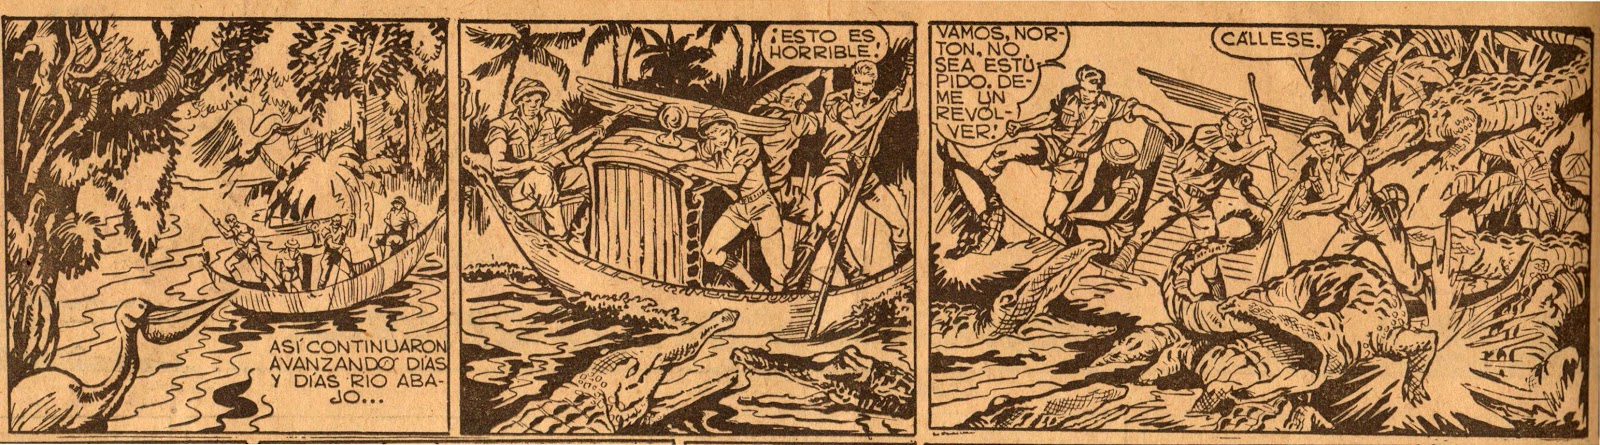 « Dinah en la reina de Angkor » dans Aventuras y amenidades de la prensa.